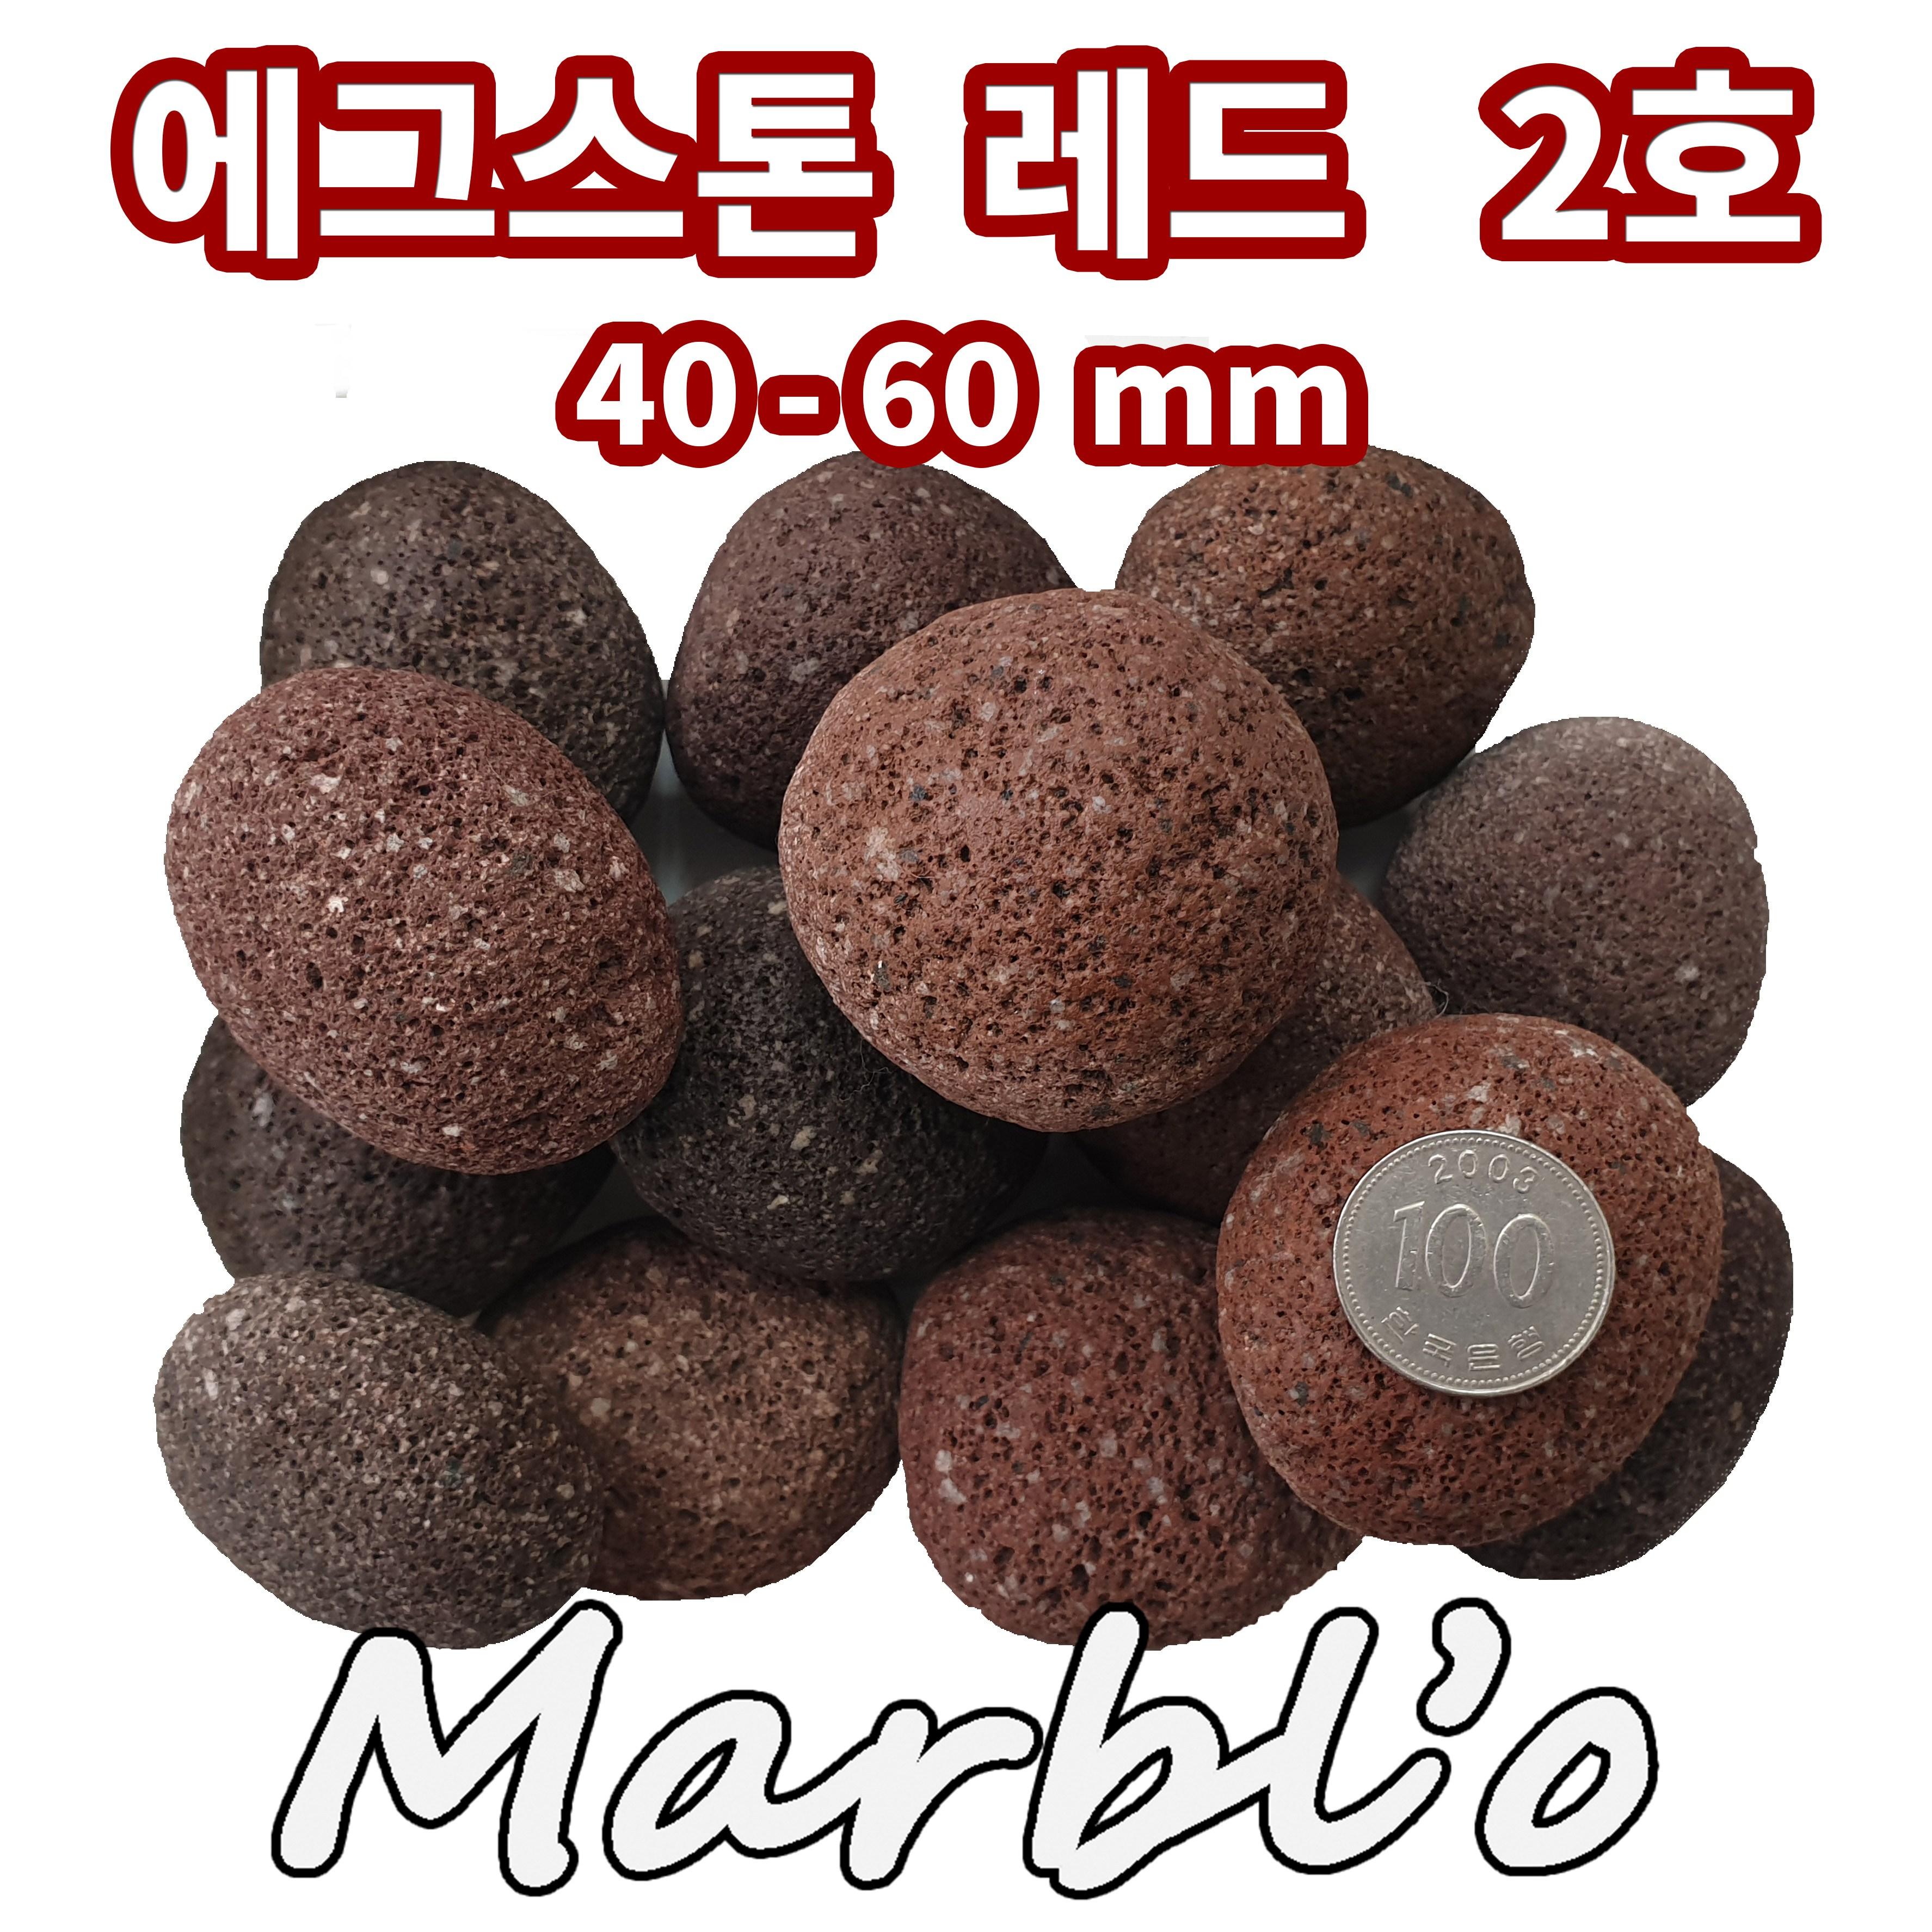 [마블로] 현무암 에그스톤 레드 자갈 2kg, 2호